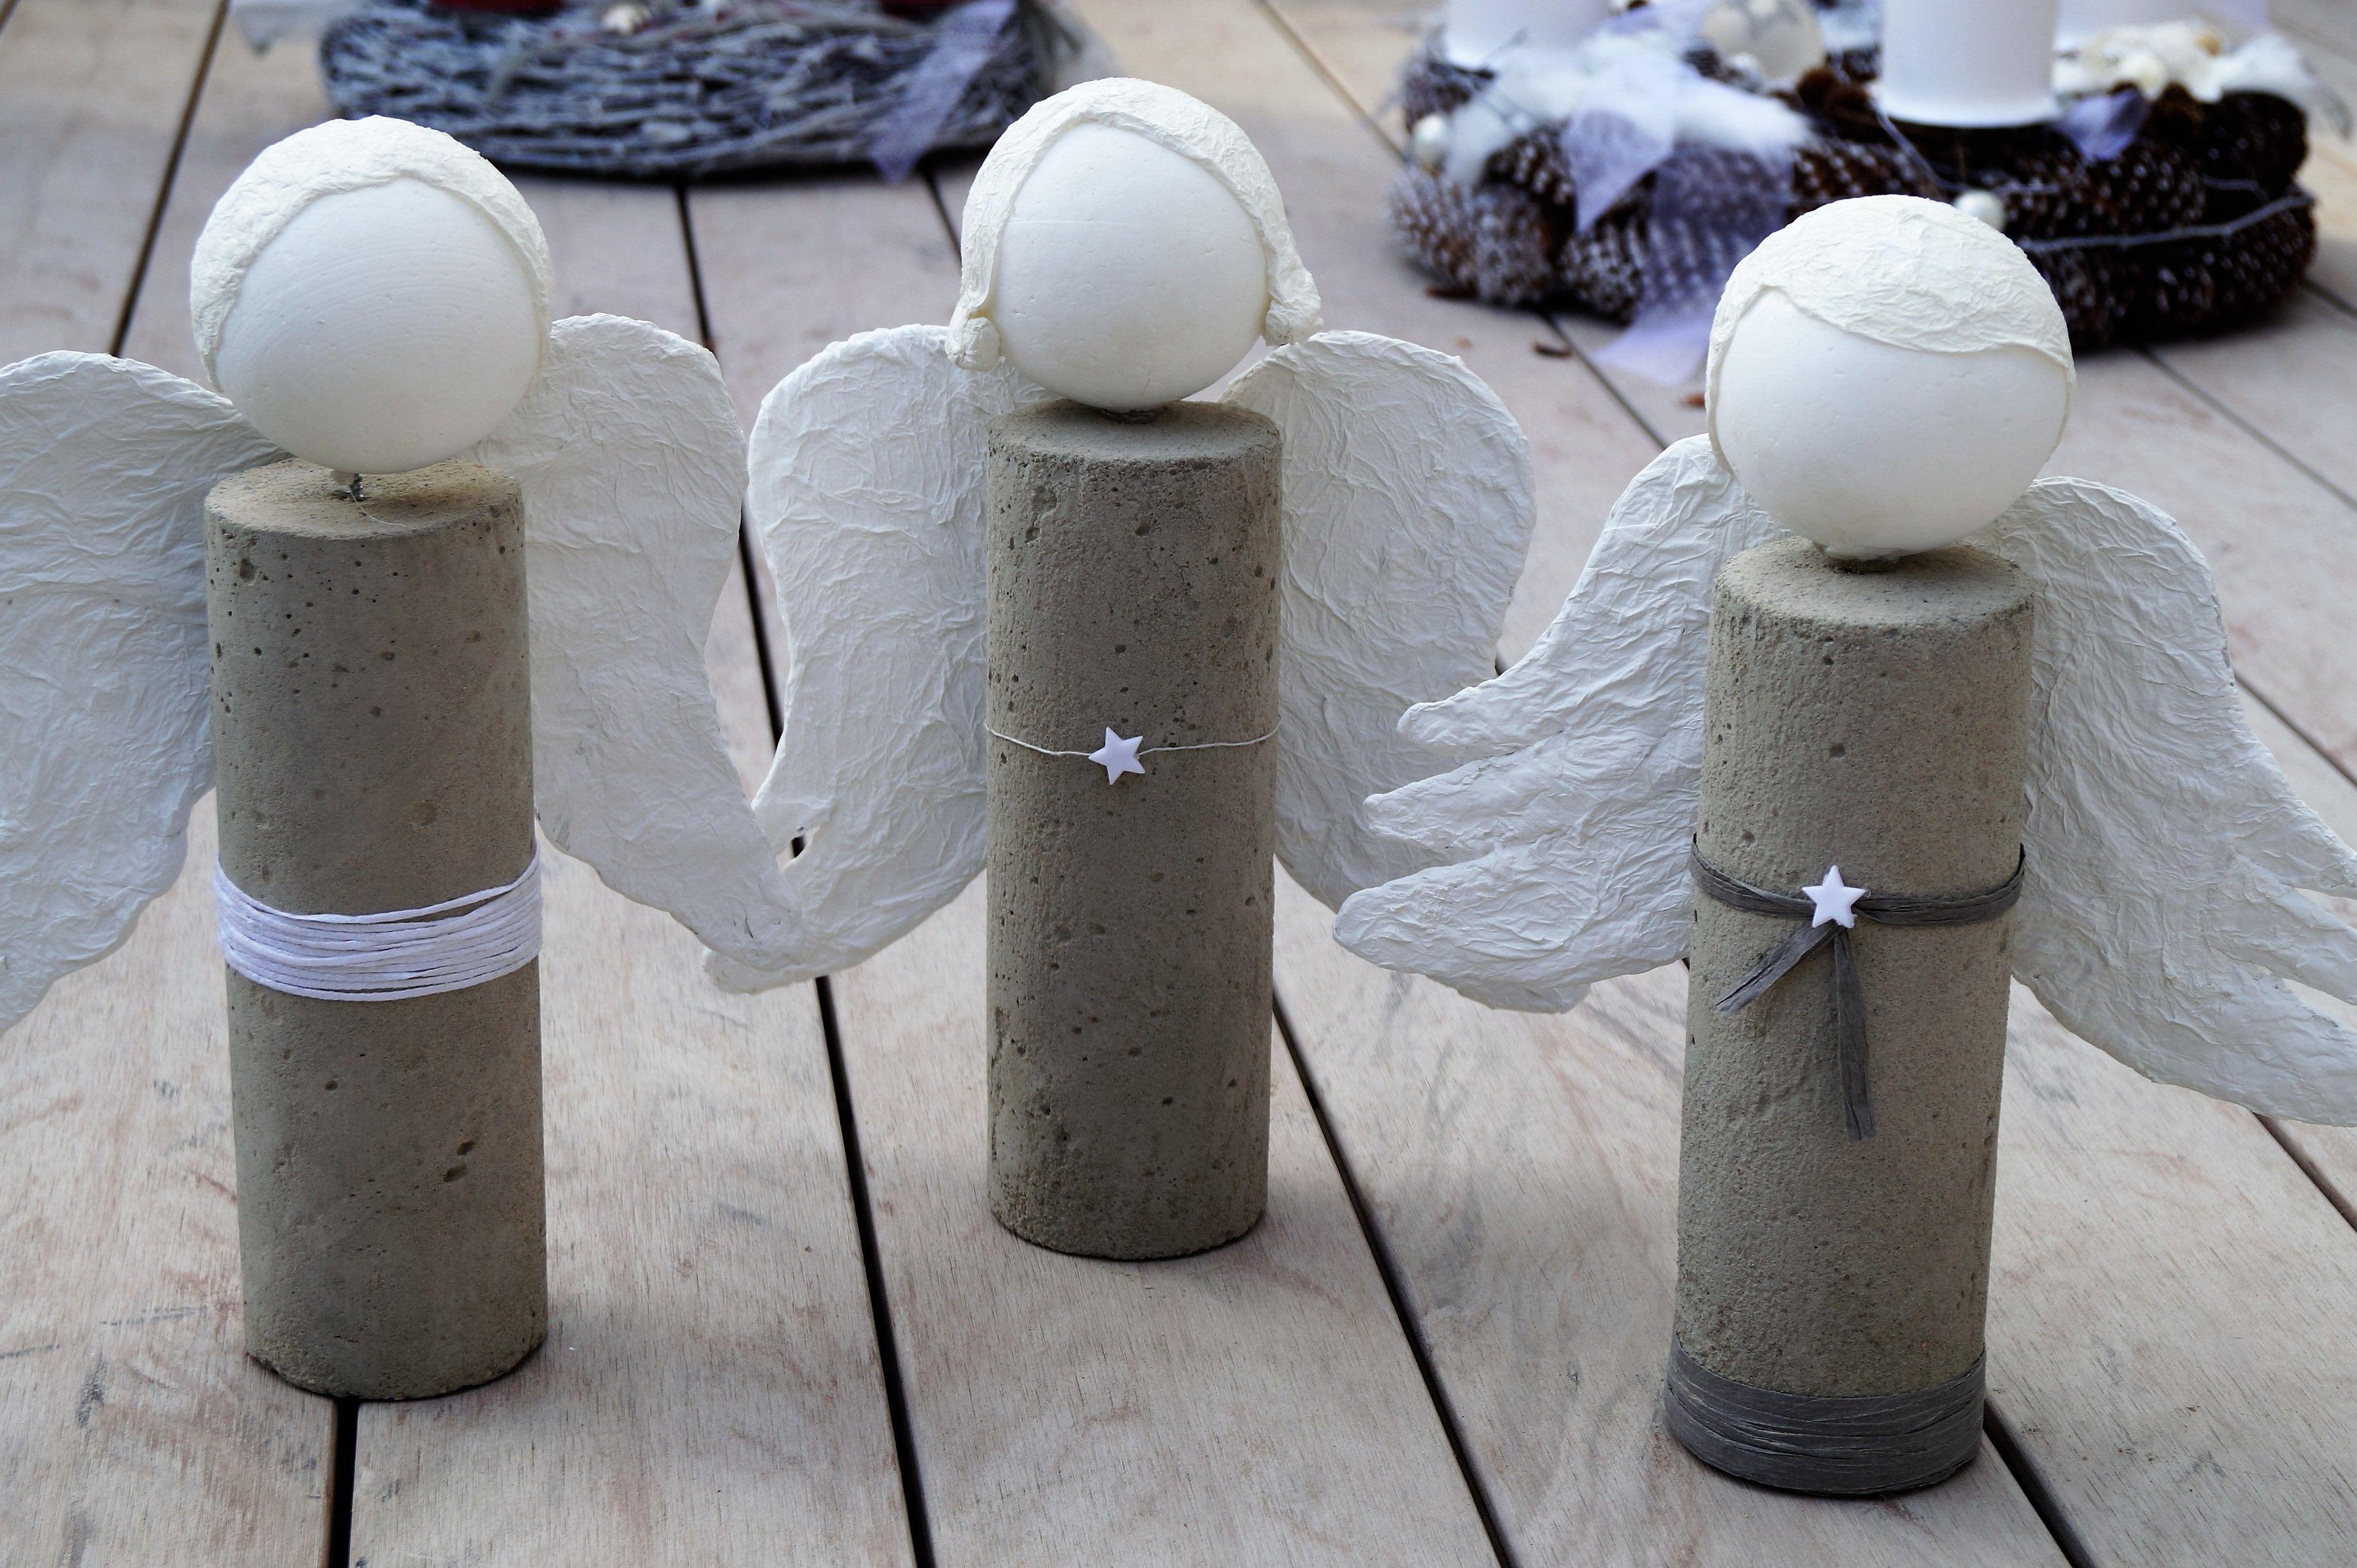 engel aus beton selber machen, bildergebnis für engel aus beton selber machen | manualidades, Design ideen